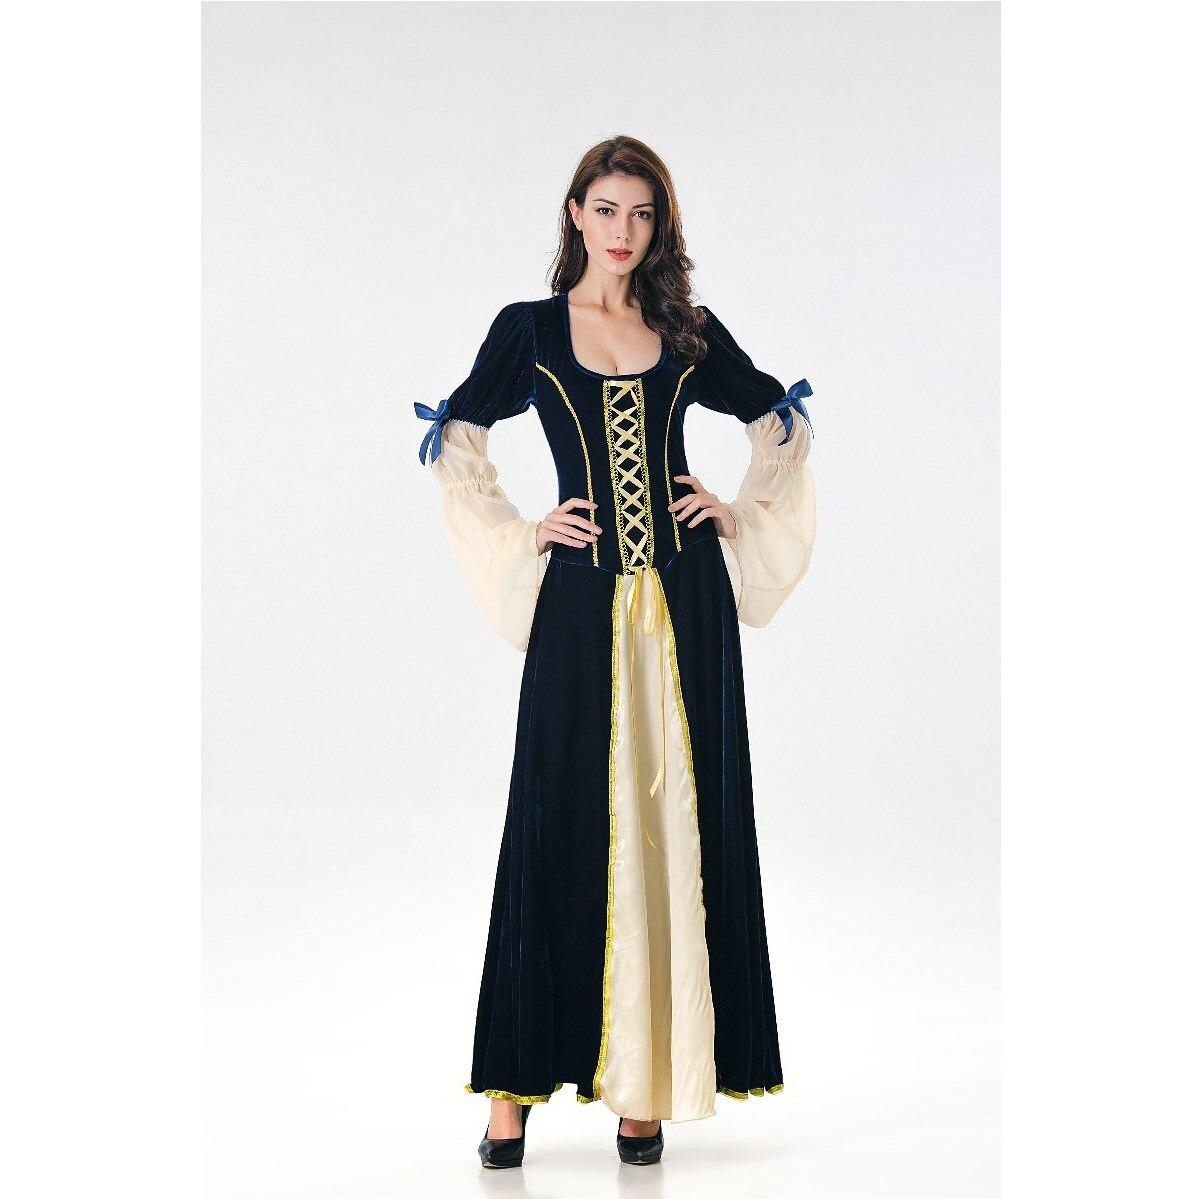 Medievale Nero Costumi Vestito Masquerade Cosplay Donne Blu Fantasia Maxi  Vittoriana Del Vintage xBnwY 107c8255754